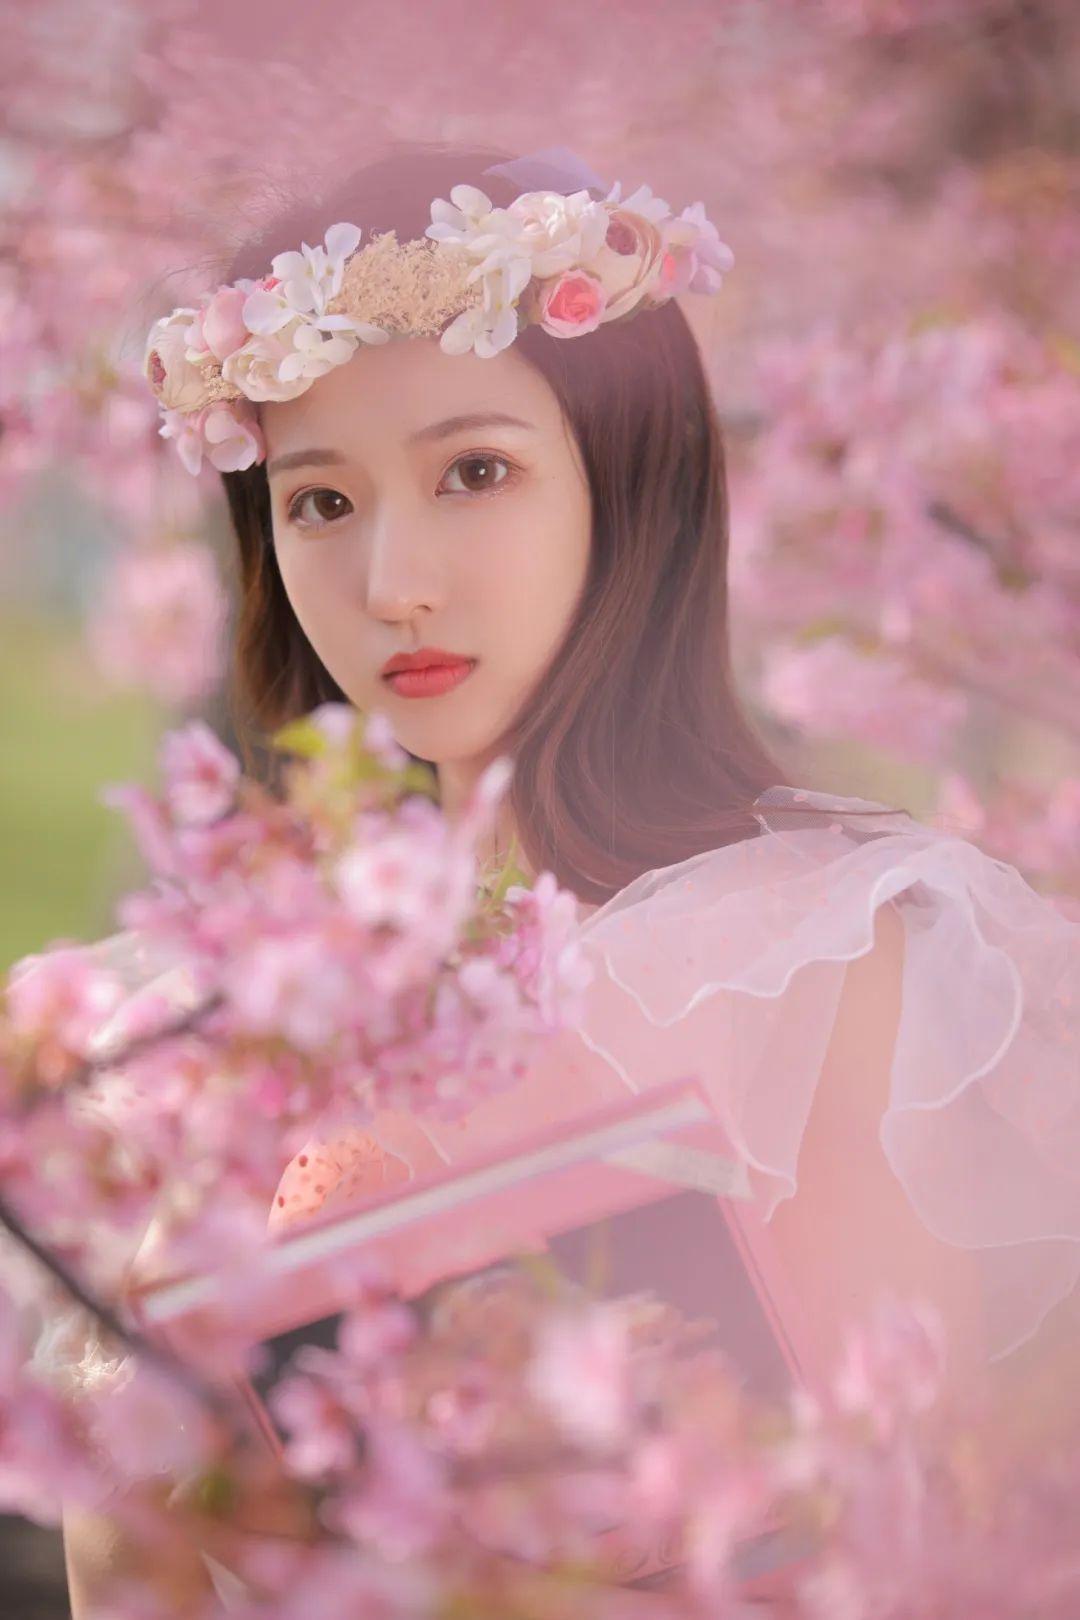 妹子摄影 – 粉粉的日系少女樱花树下写真_图片 No.14